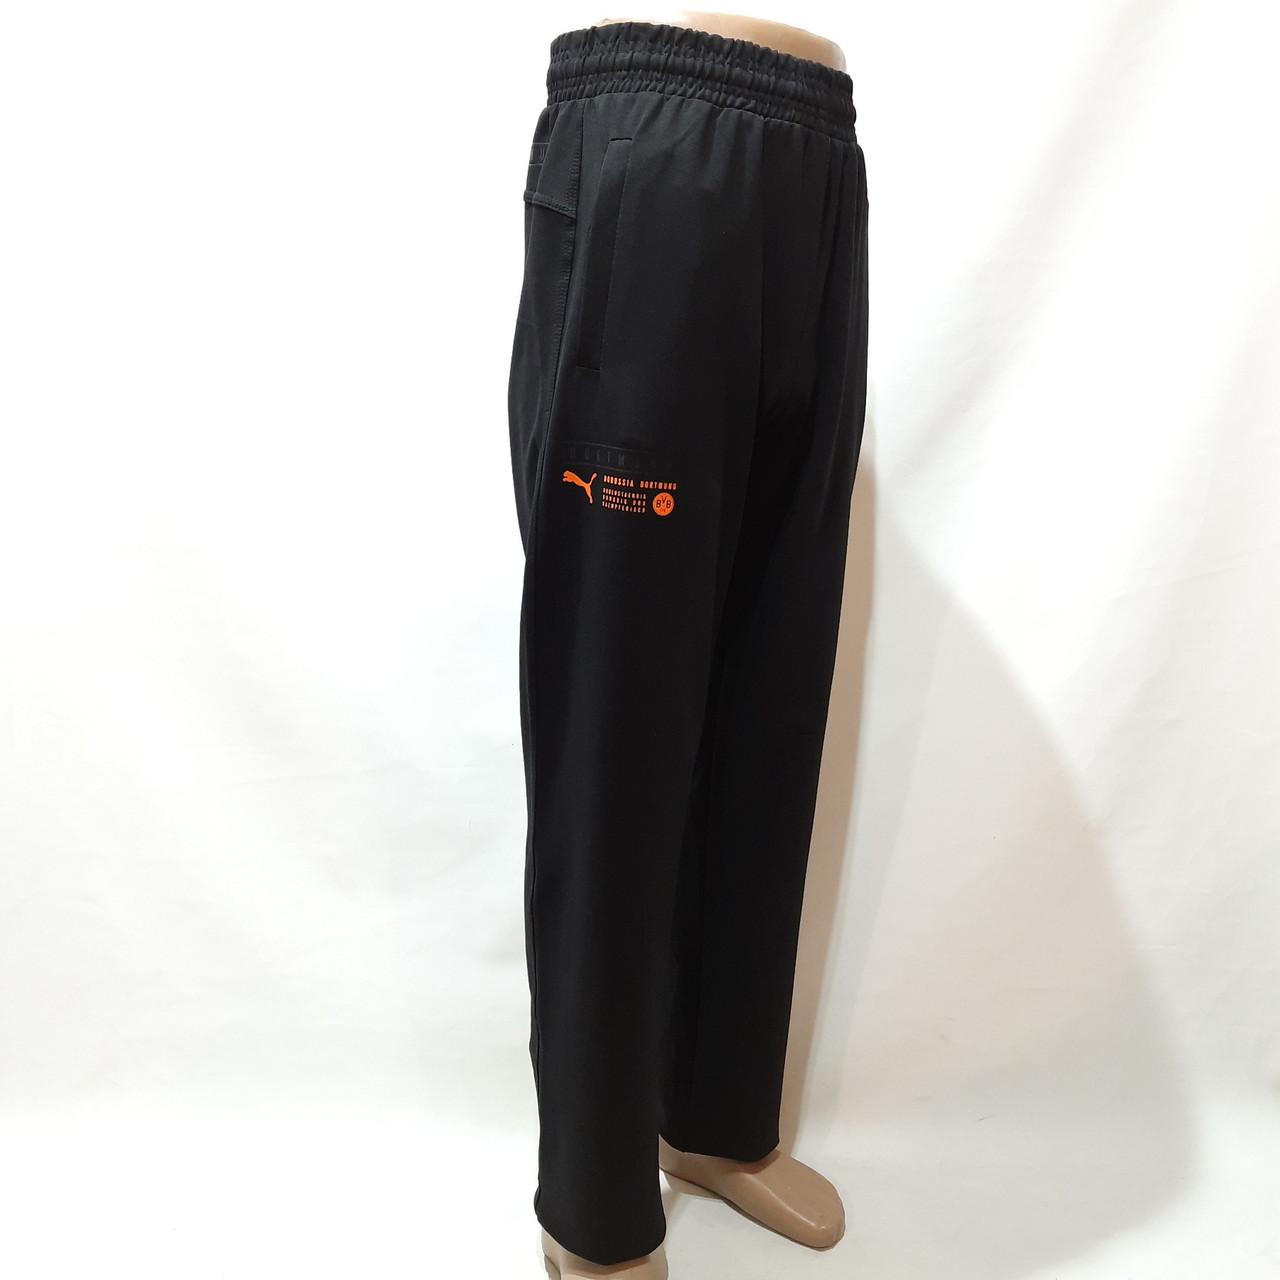 Чоловічі спортивні штани (норма) прямі в стилі Puma Туреччина відмінної якості